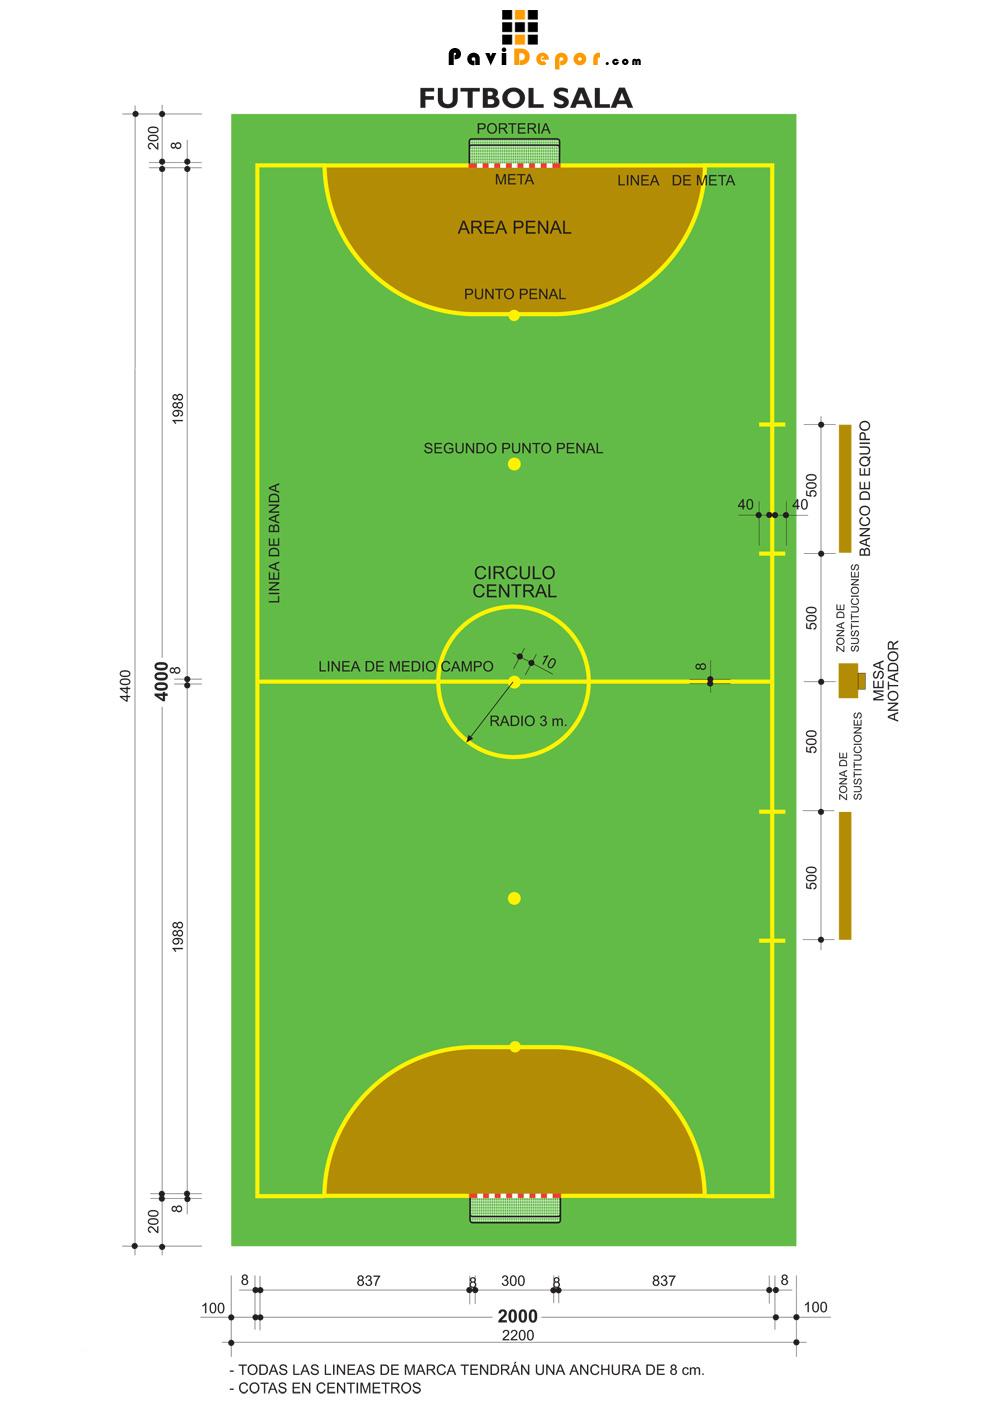 Cancha de futbol sala con sus medidas imagui for Pista de futbol sala medidas